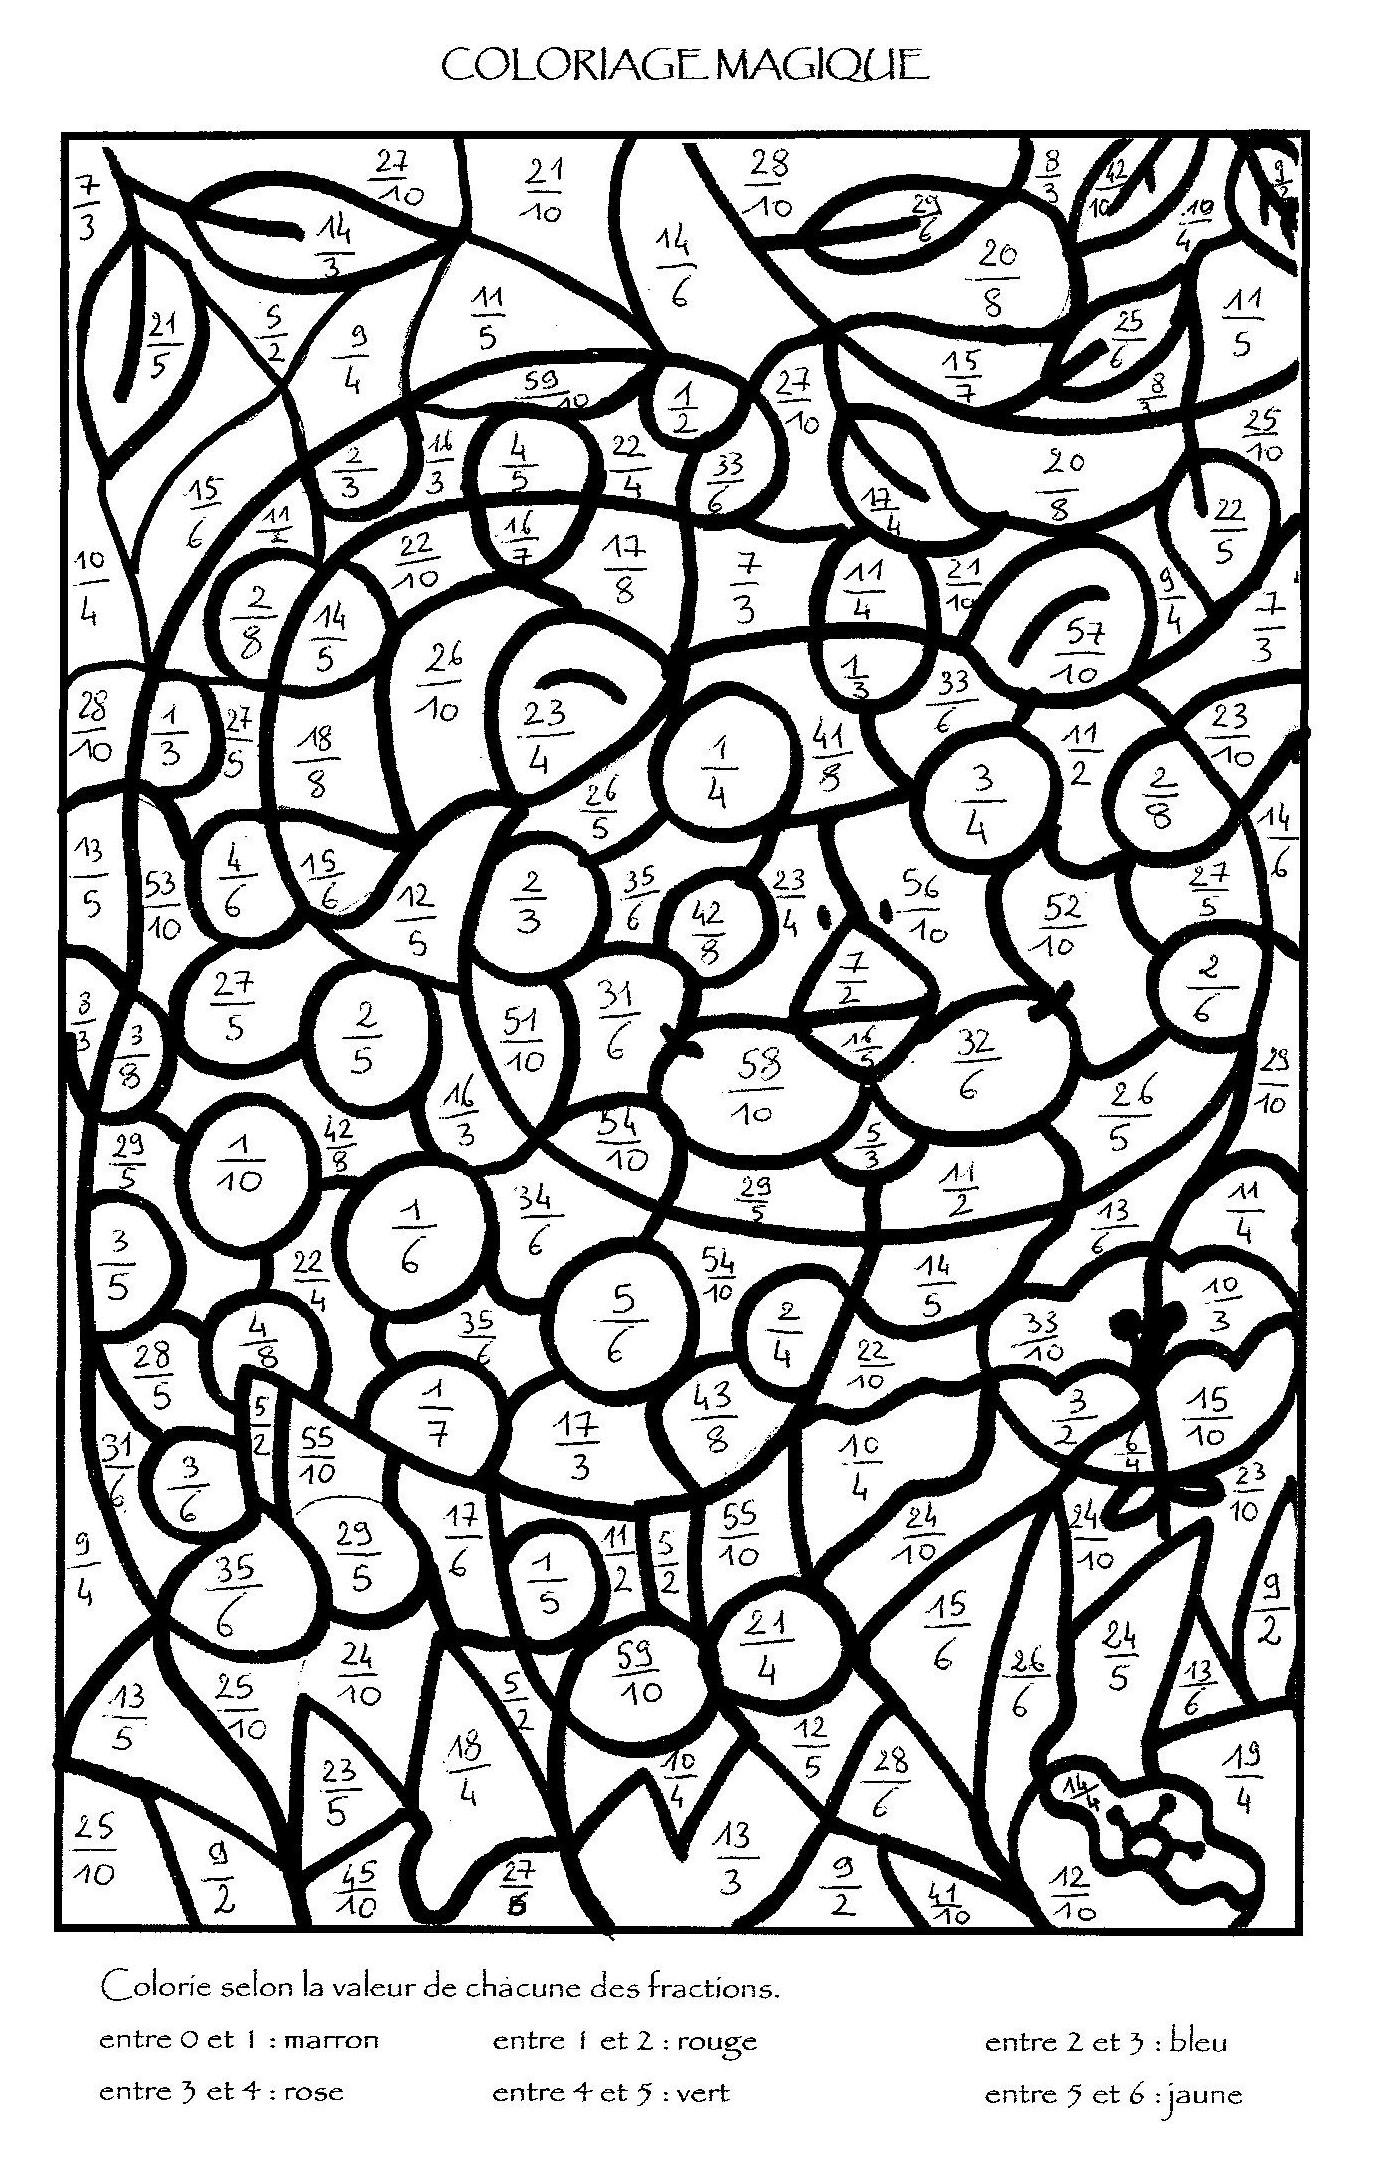 20 dessins de coloriage magique cp calcul imprimer - Calcul magique ...